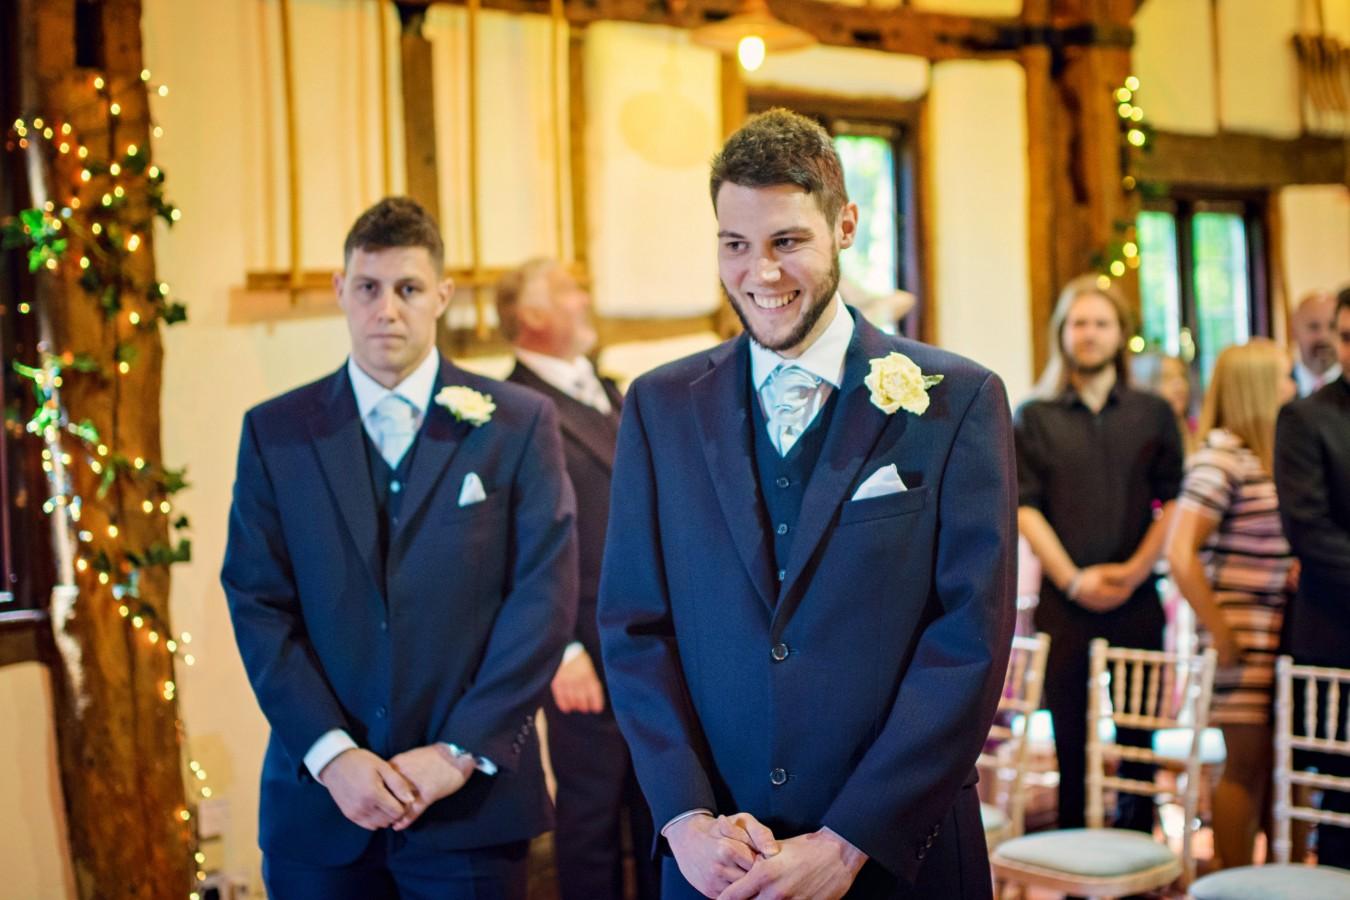 Hampshire Wedding Photographer - GK Photography-49